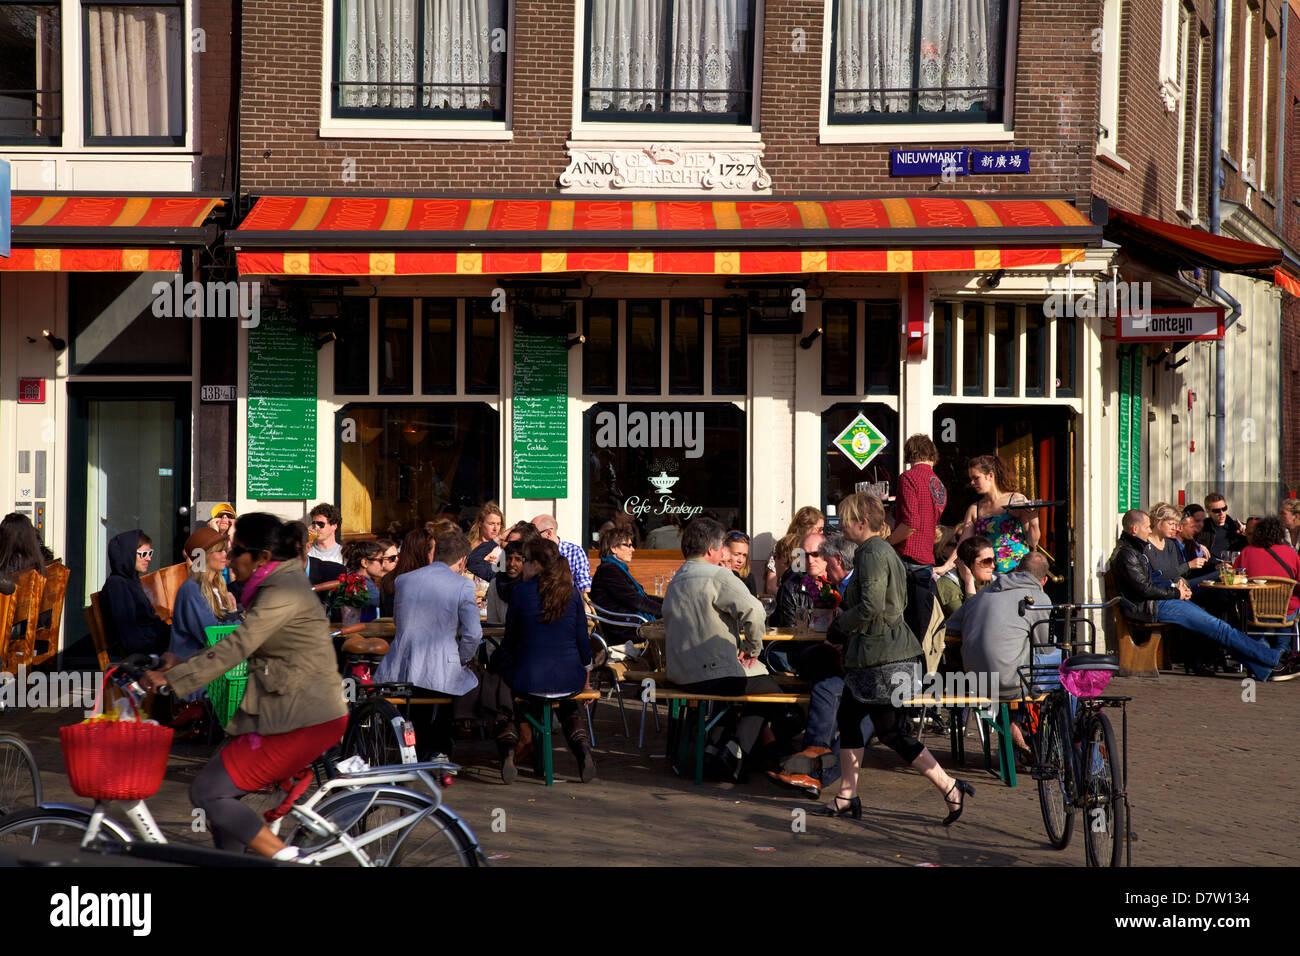 Outdoor cafe in Nieumarkt, Amsterdam, Netherlands - Stock Image